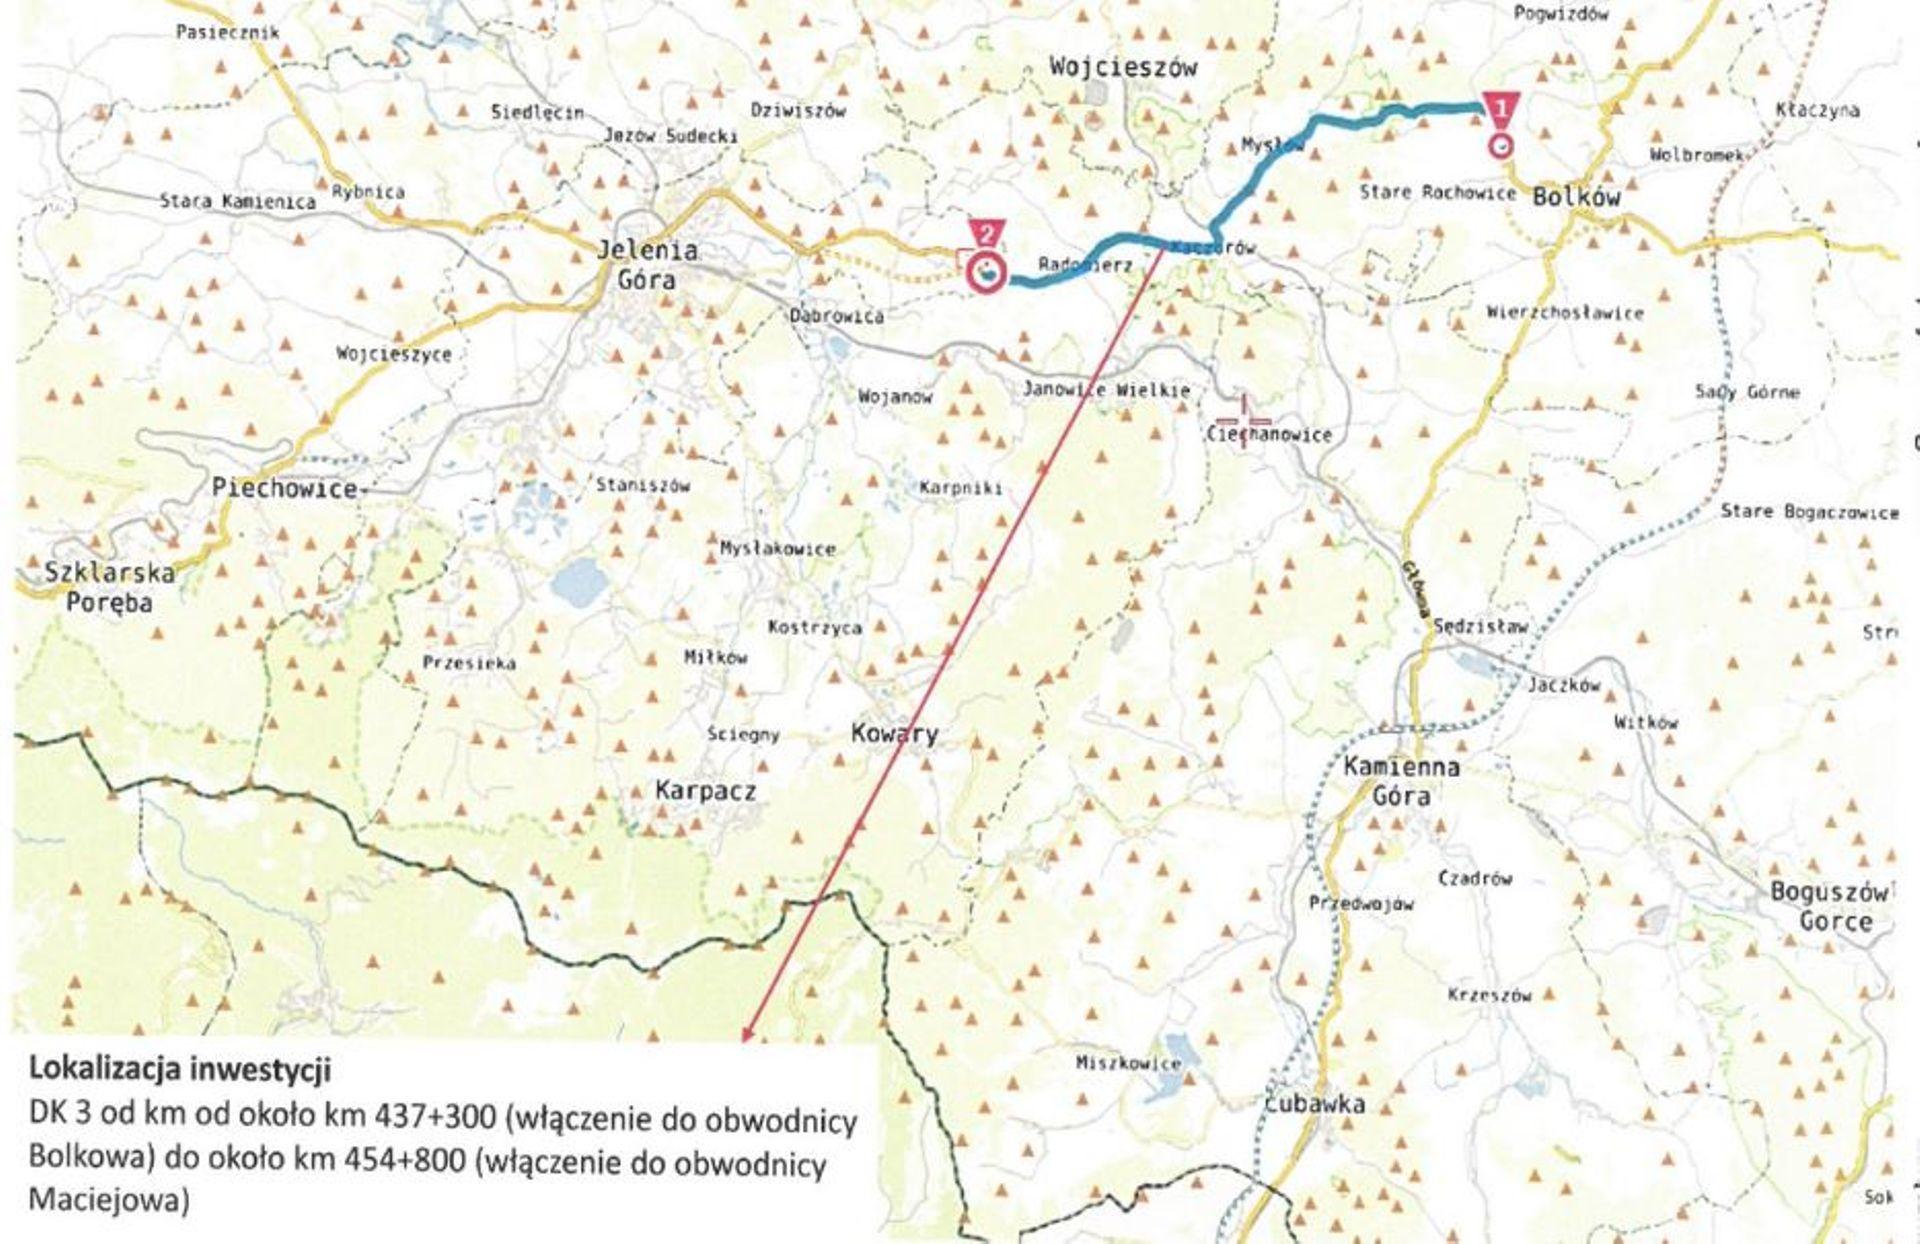 Ważna inwestycja na drodze DK3 do Jeleniej Góry. Powstanie obwodnica Kaczorowa